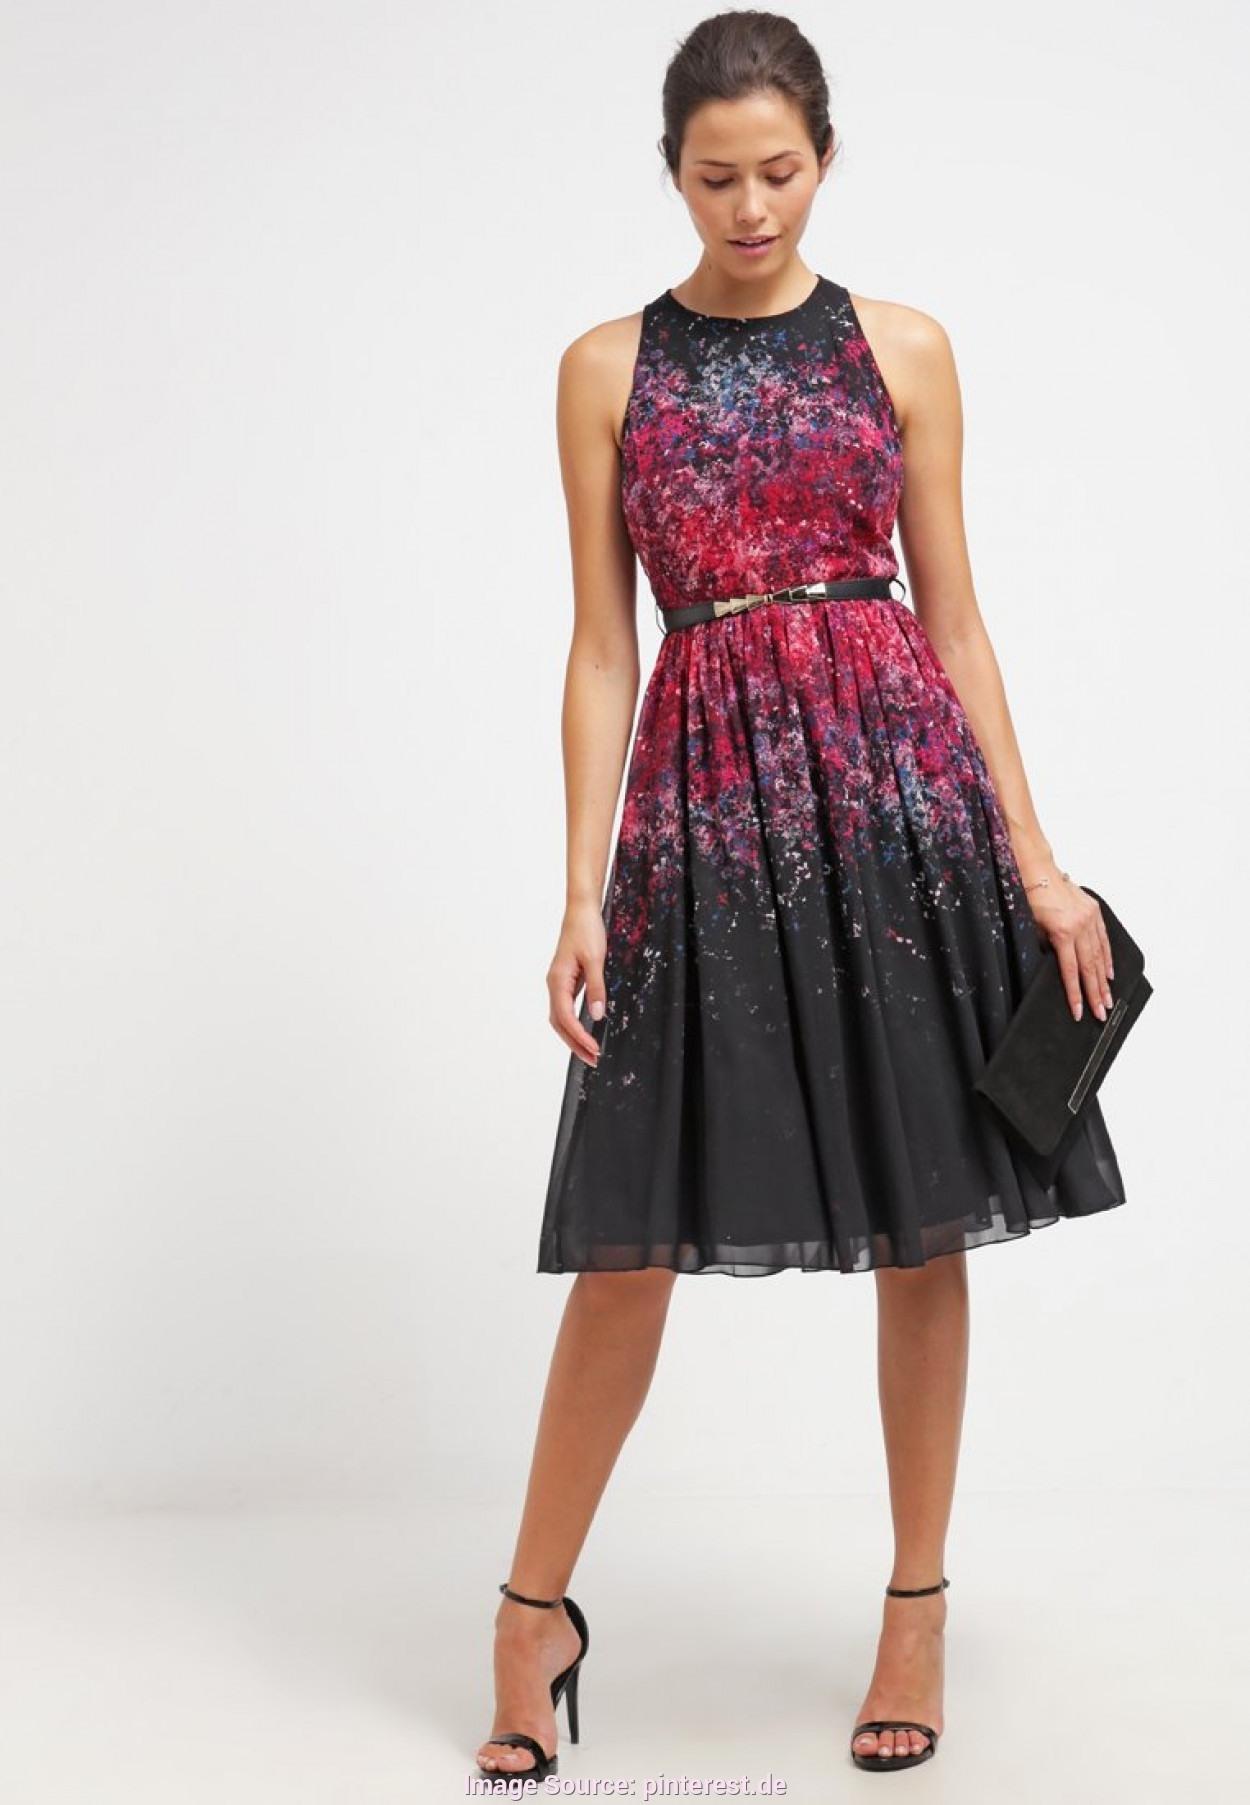 10 Ausgezeichnet Sommerkleid Festlich Knielang Design Genial Sommerkleid Festlich Knielang Ärmel